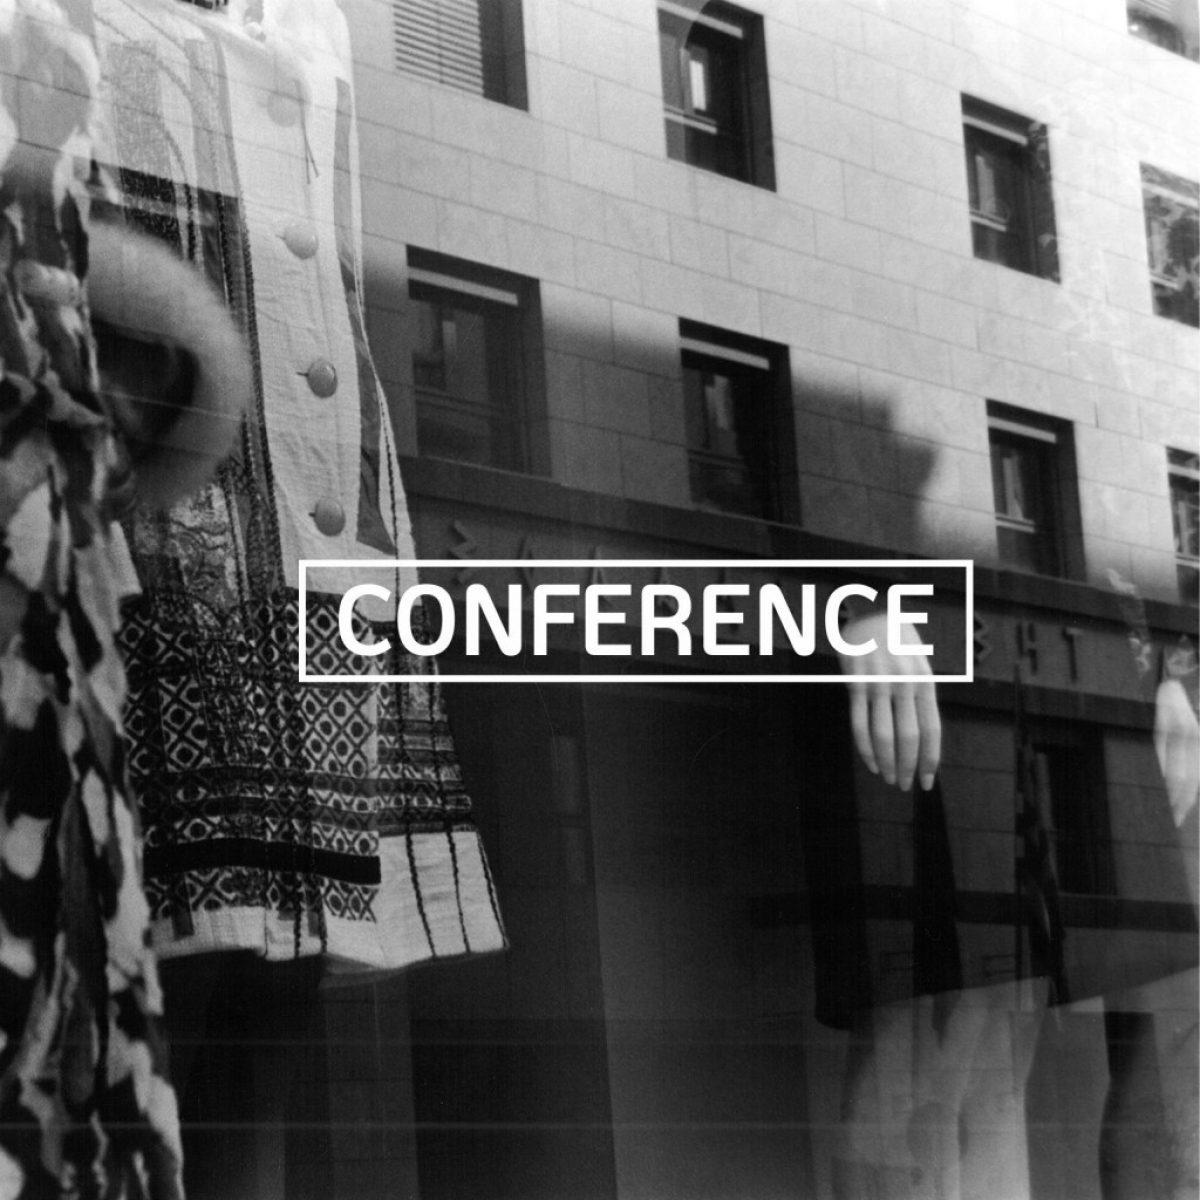 4ο Διεθνές Συνέδριο για την Διαφάνεια και την Αρχιτεκτονική, Θεσσαλονίκη, 2 – 4 Νοεμβρίου 2016